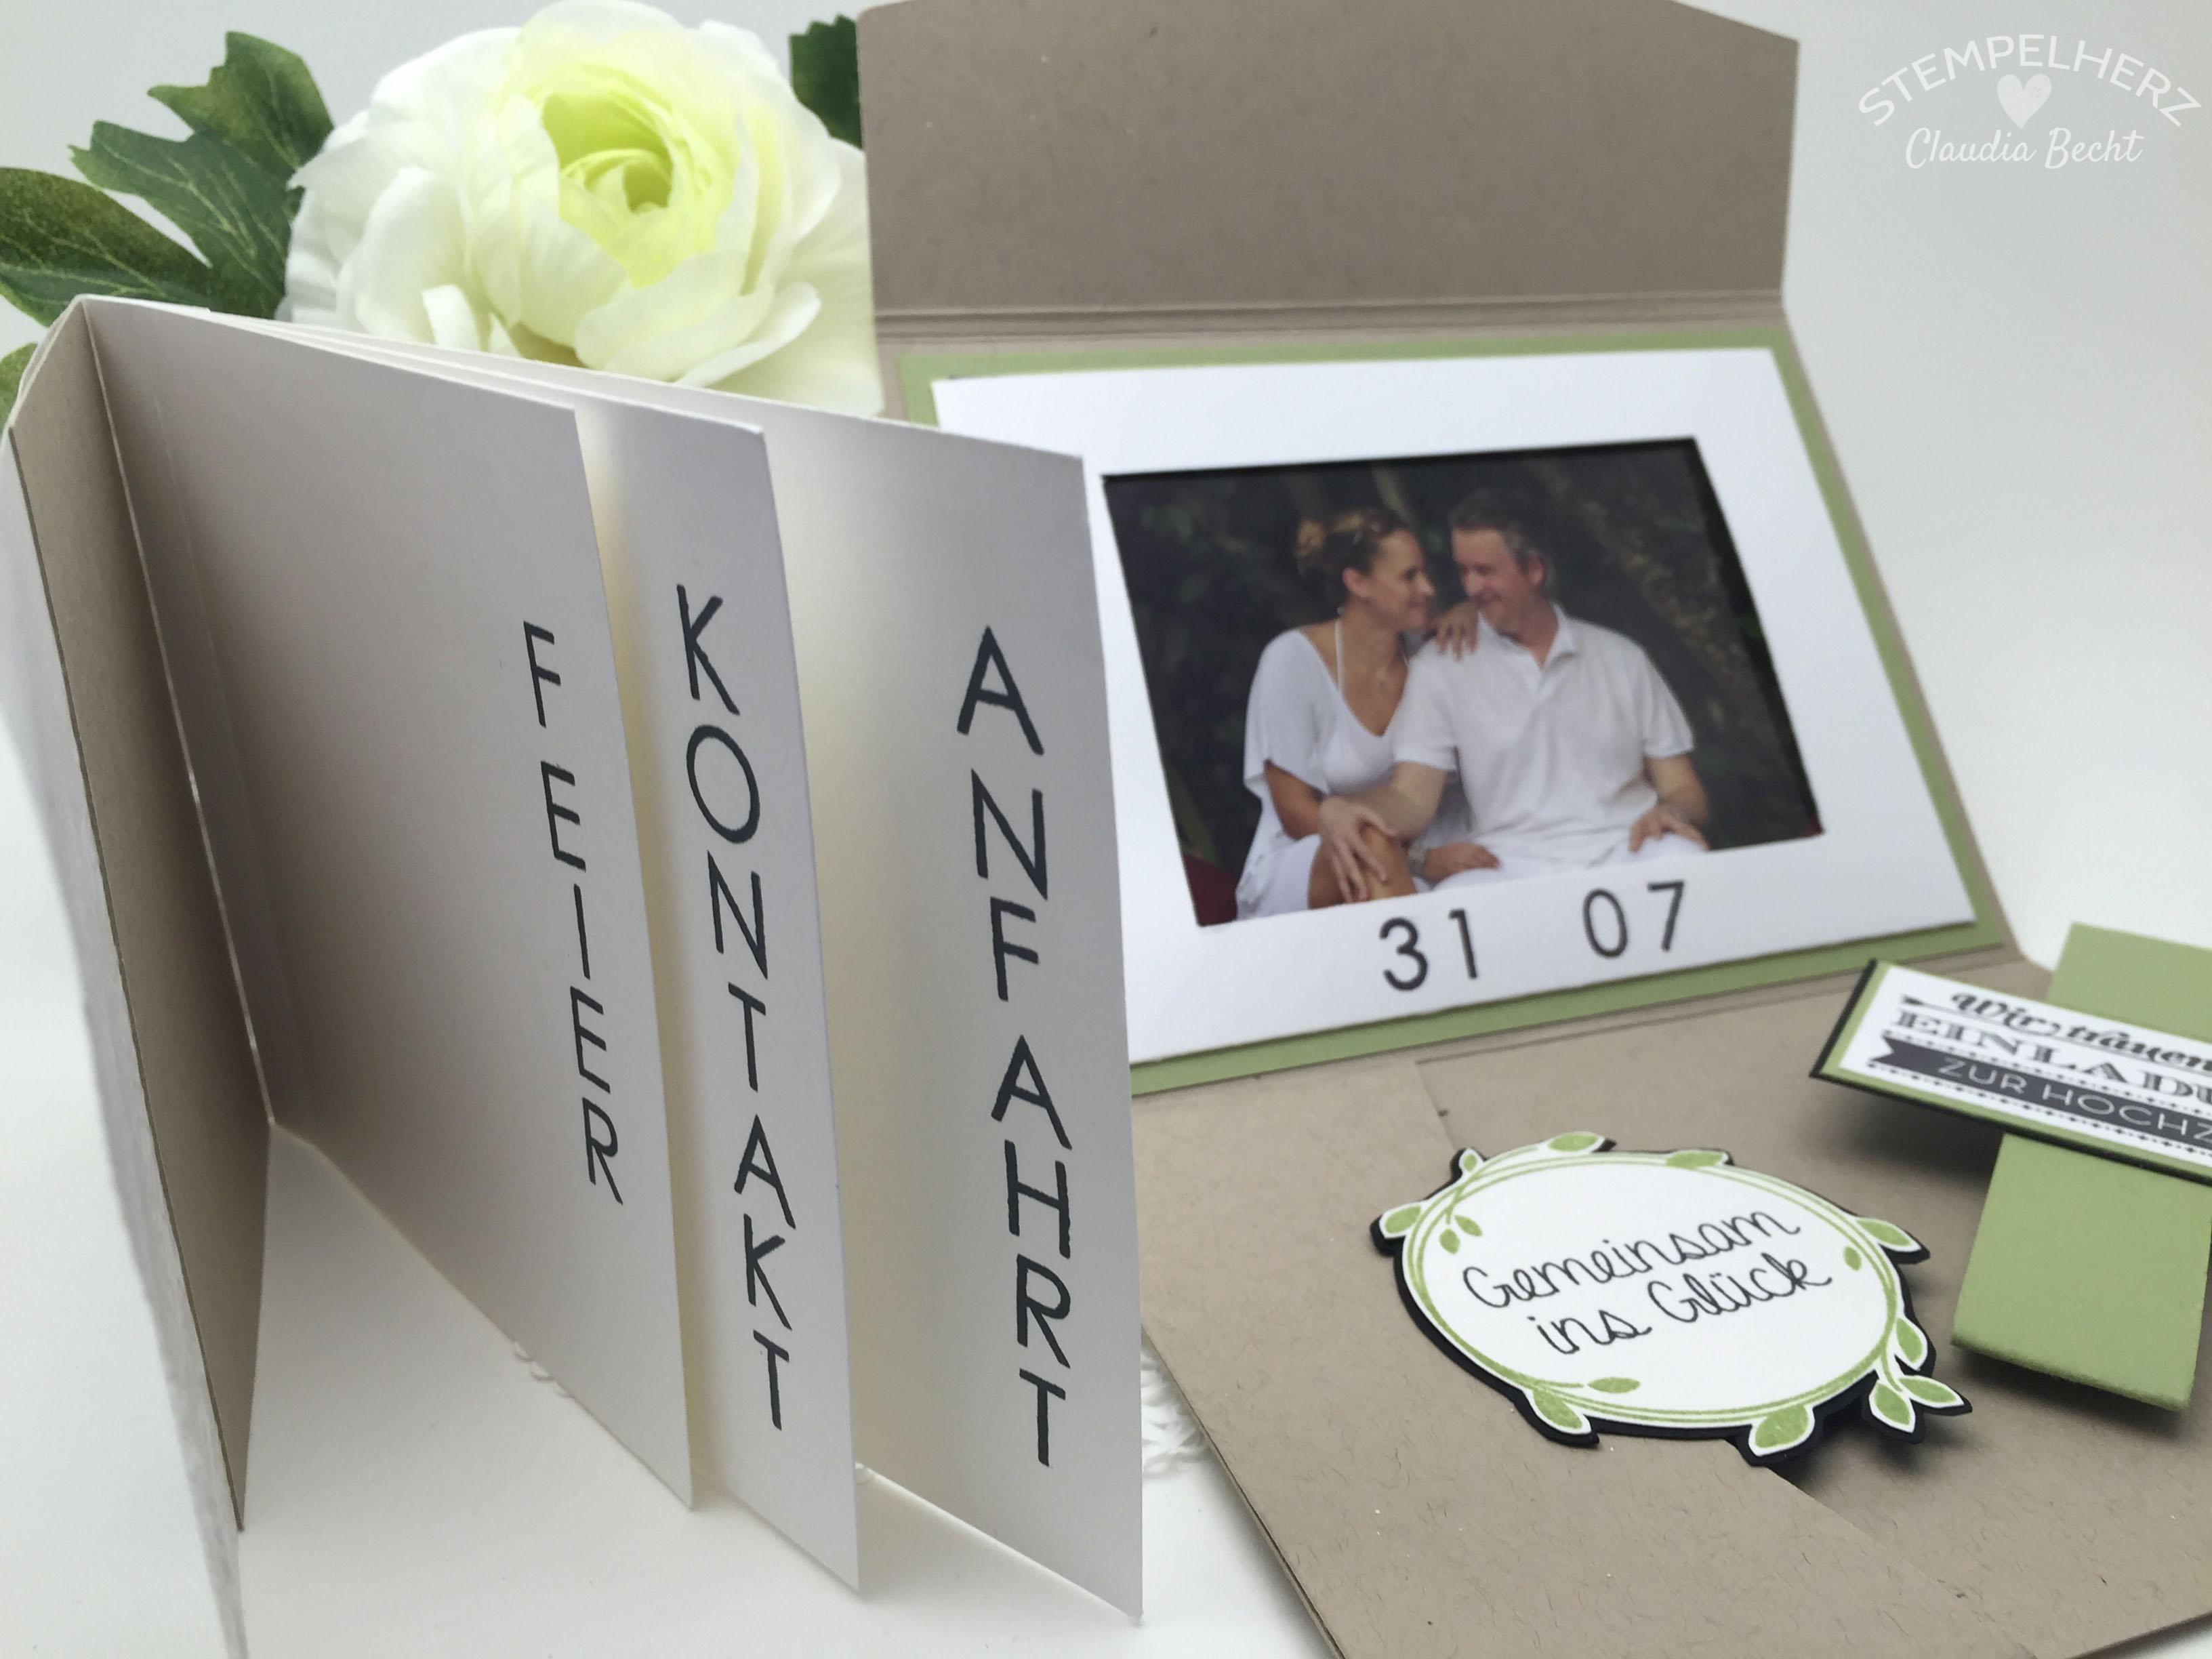 Stampin Up Stempelherz Hochzeit Hochzeitseinladung Einladung Karte  Hochzeitseinladung Wir Trauen U2026